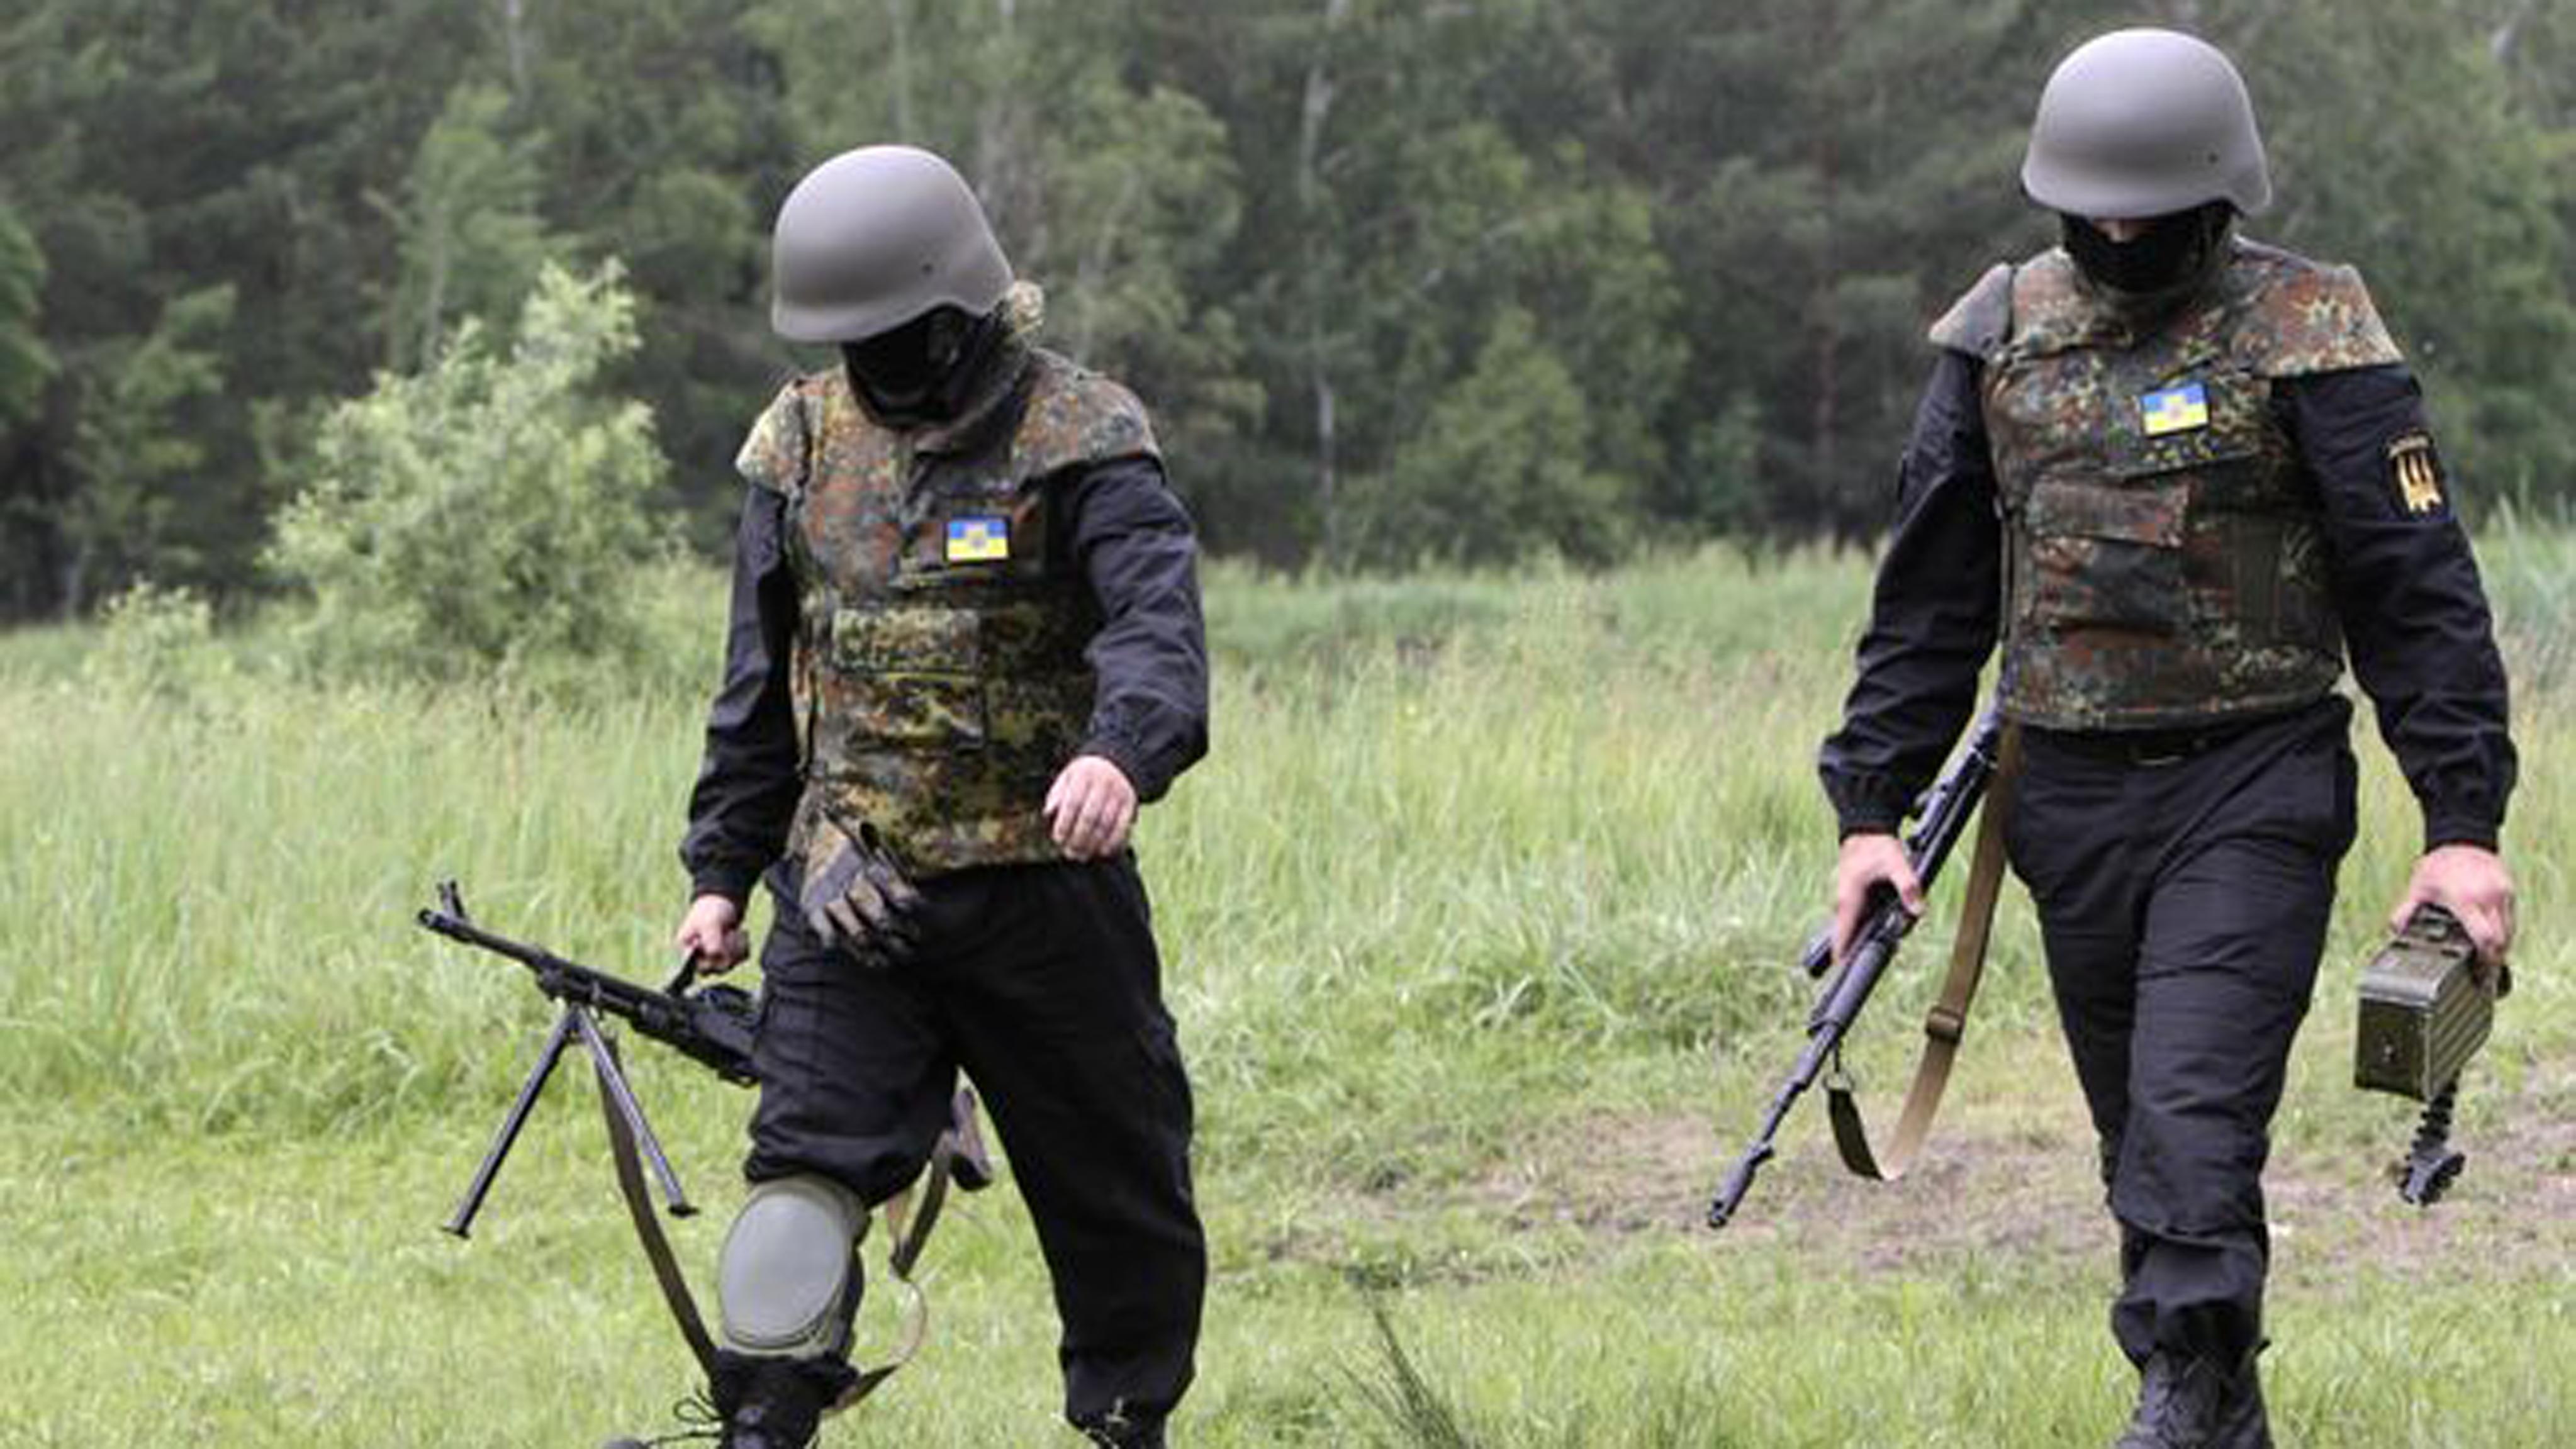 Сгранатой вноге. медсотрудники спасли украинского военного, раненого взоне АТО